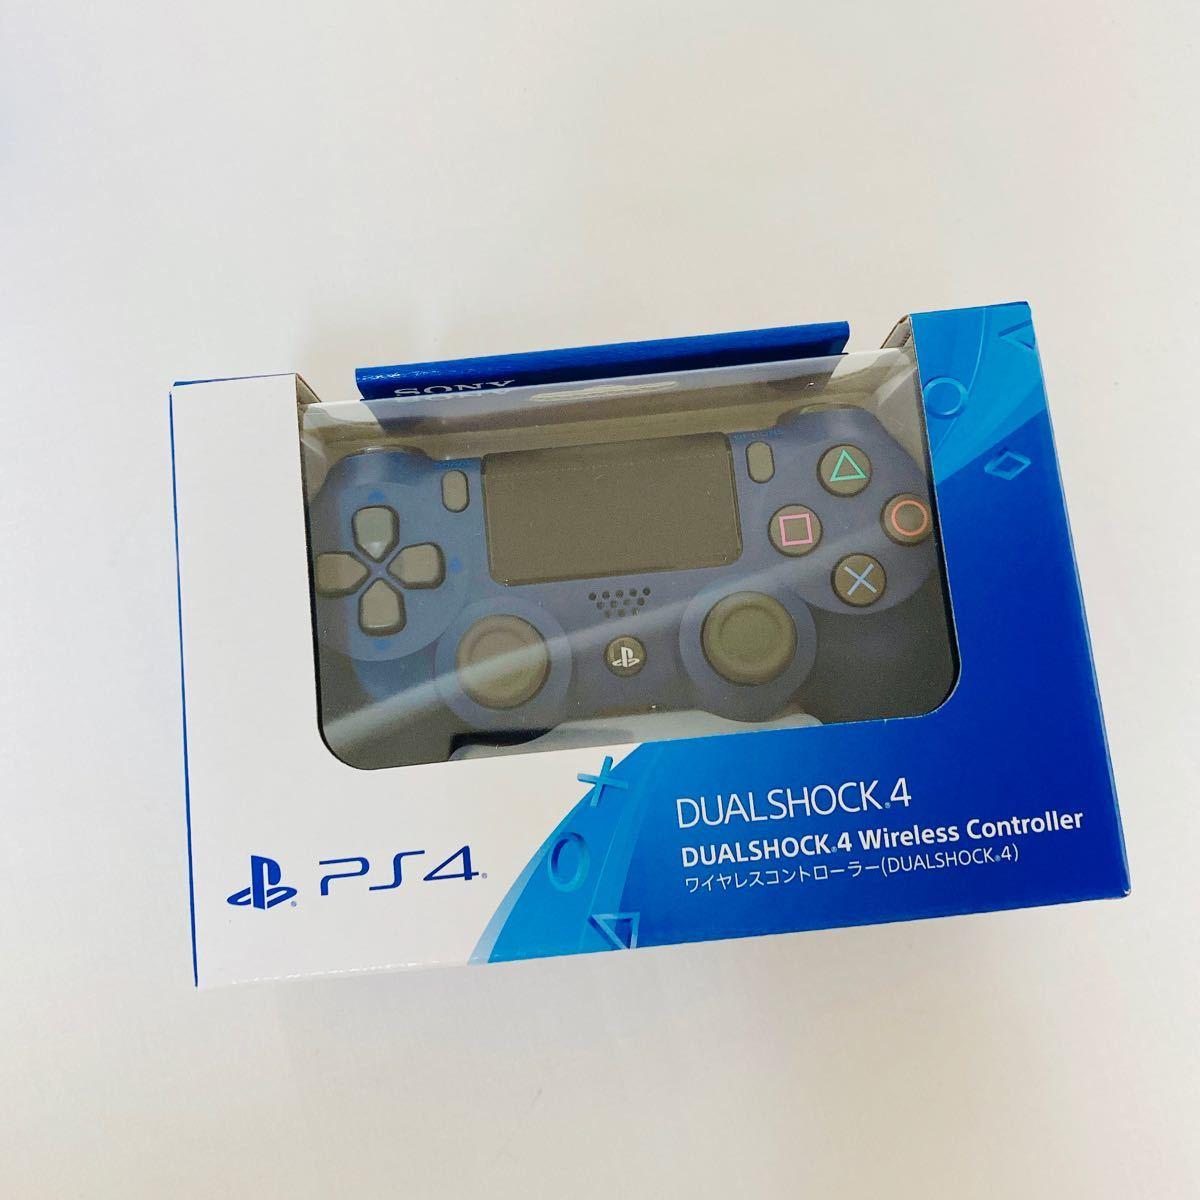 DUALSHOCK4 デュアルショック4 ミッドナイトブルー PS4コントローラー PS4